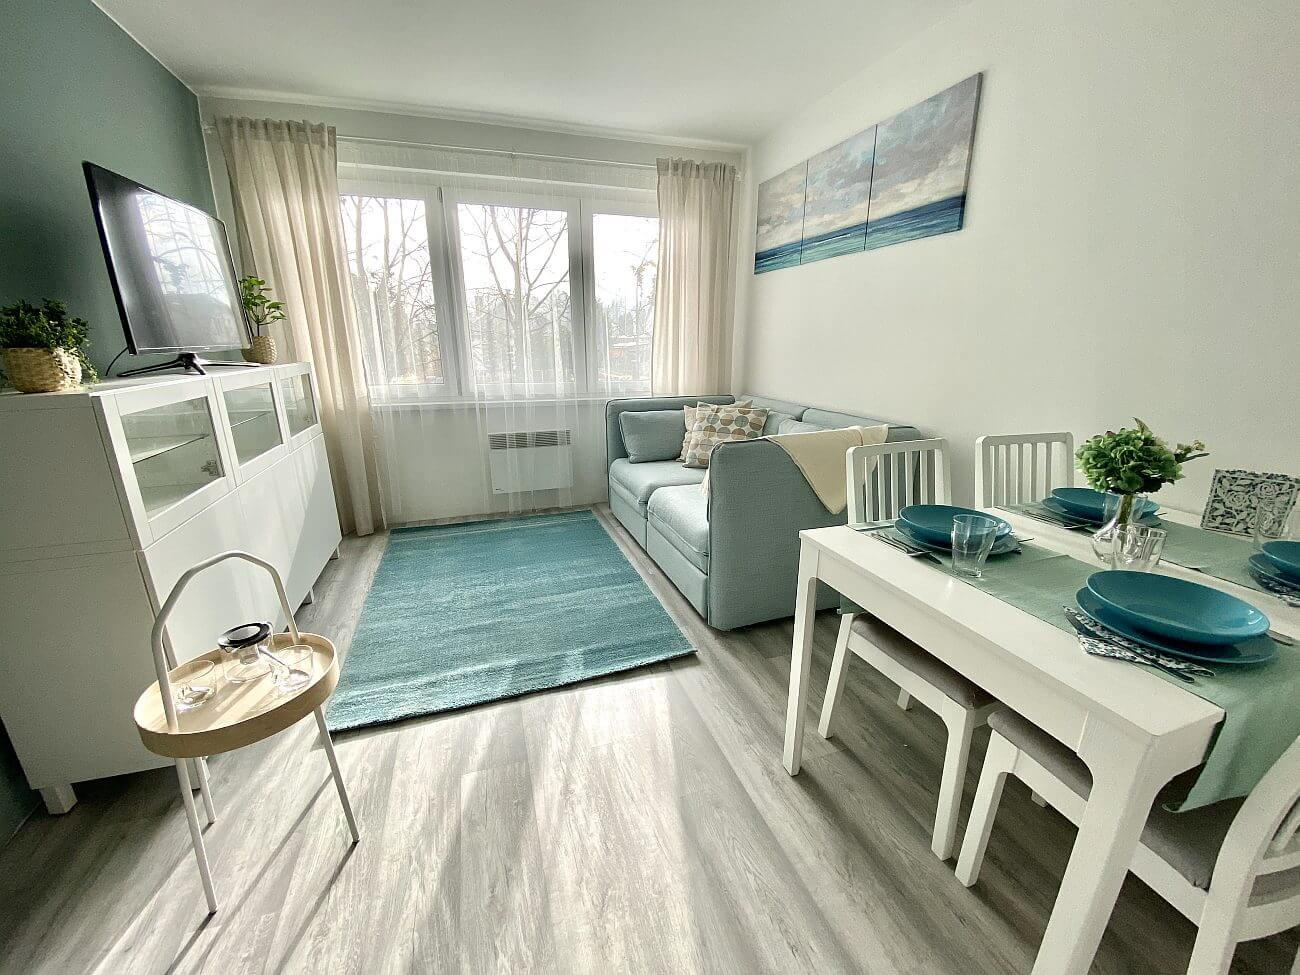 Balaton: még nyáron elkészülnek e kedvező árú nyaraló-apartmanok Balatonföldváron